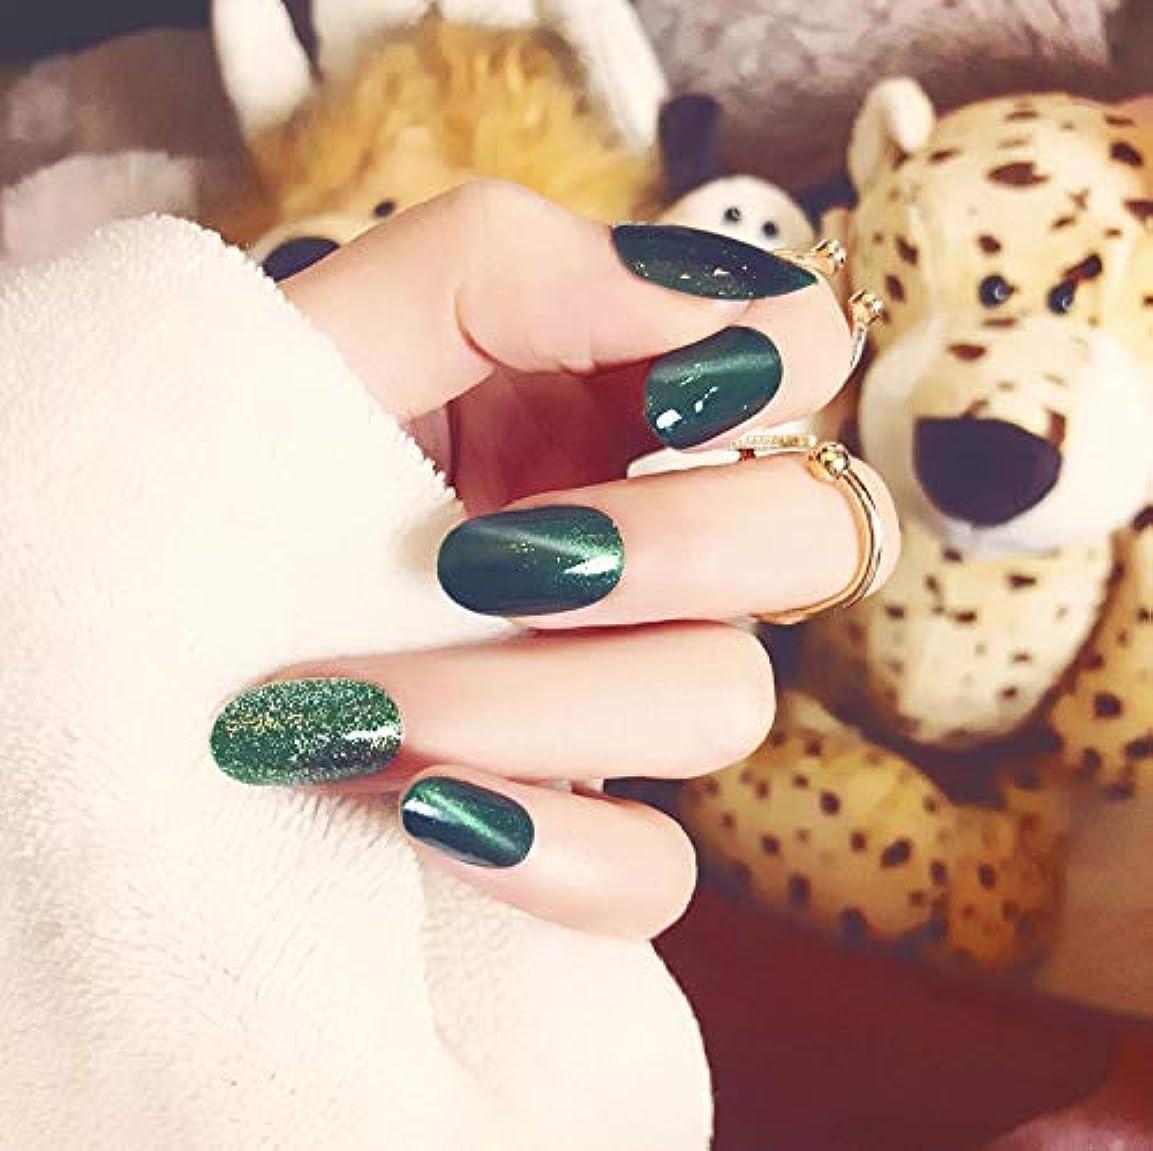 スポット保持血まみれのins人気のある 24個入り ネイルチップ ジェルネイルの光疗法 無地ネイルチップ 猫目石 手作りネイルアートチップ (グリーン)